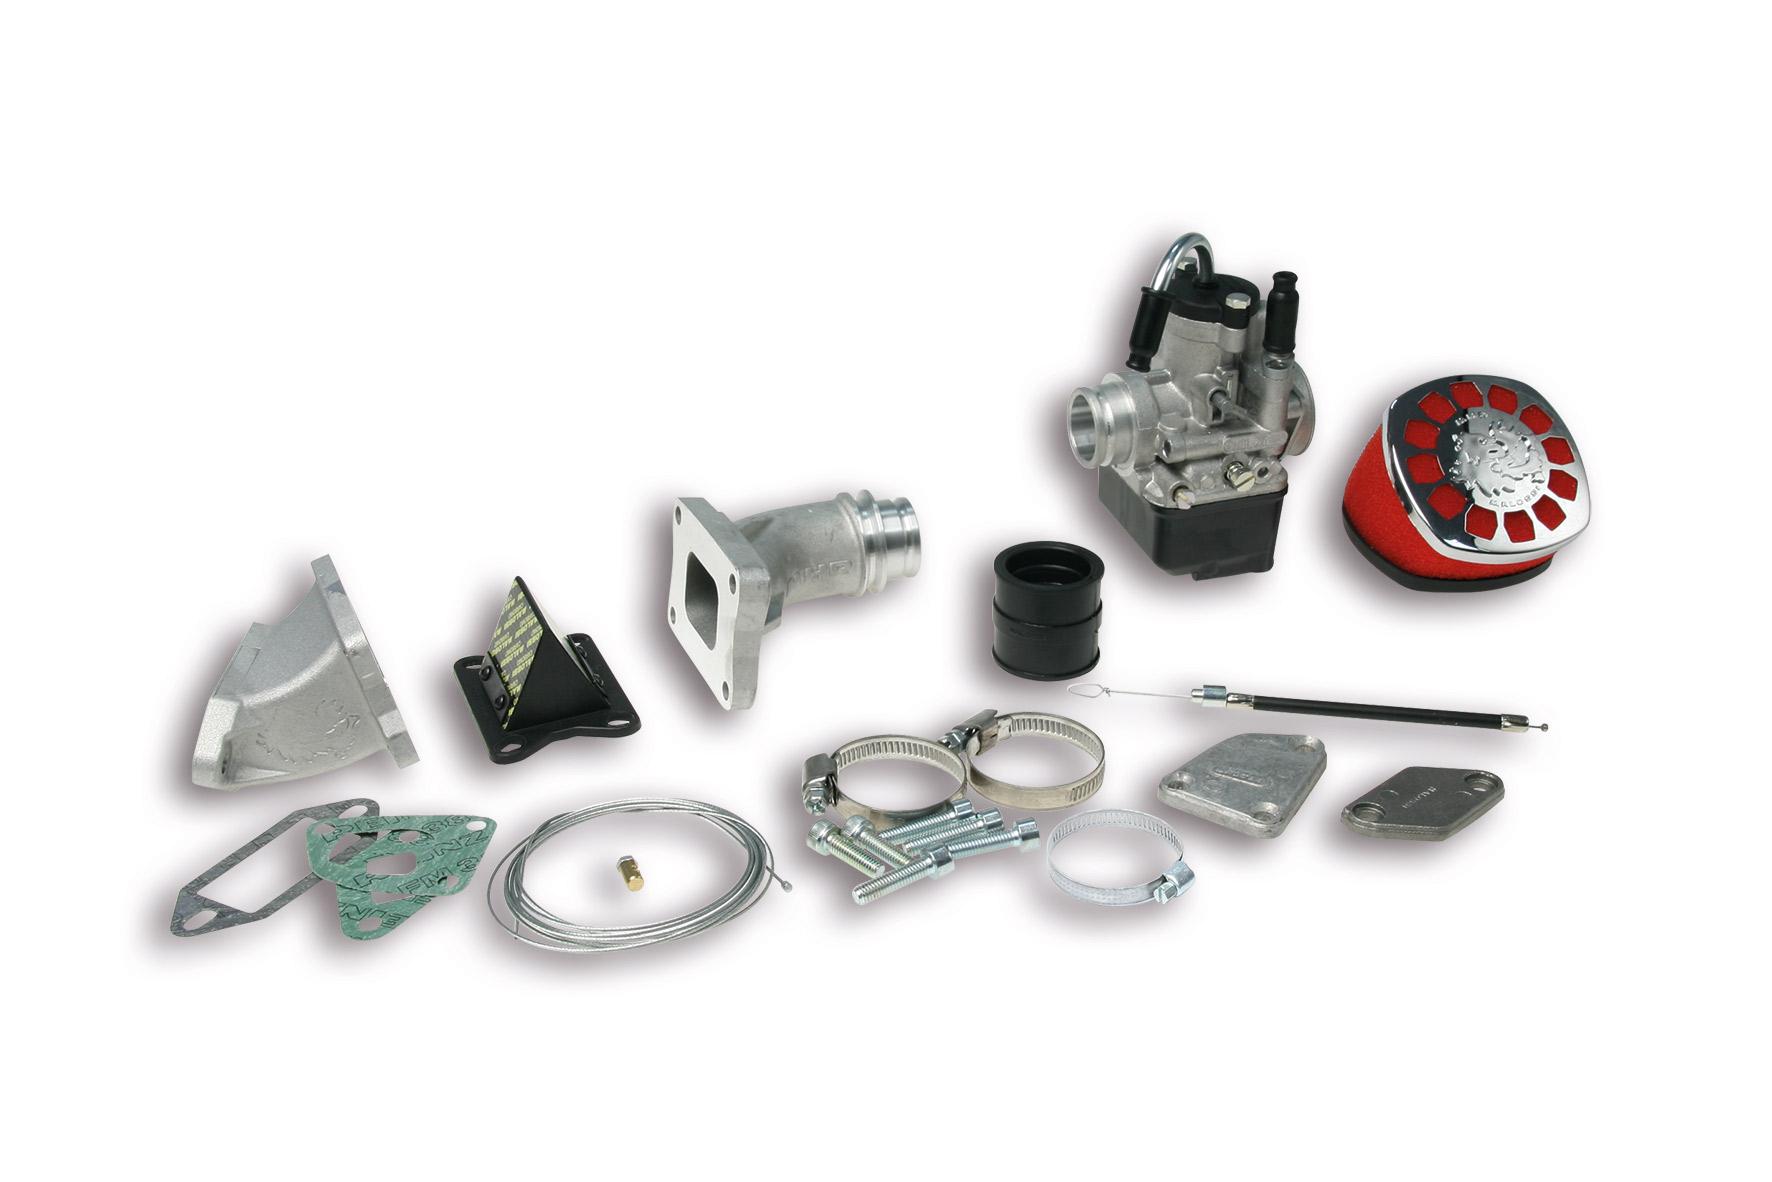 Impianto alimentazione MHR PHBL 25 B lamellare al cilindro per Vespa ET3 Primavera 125